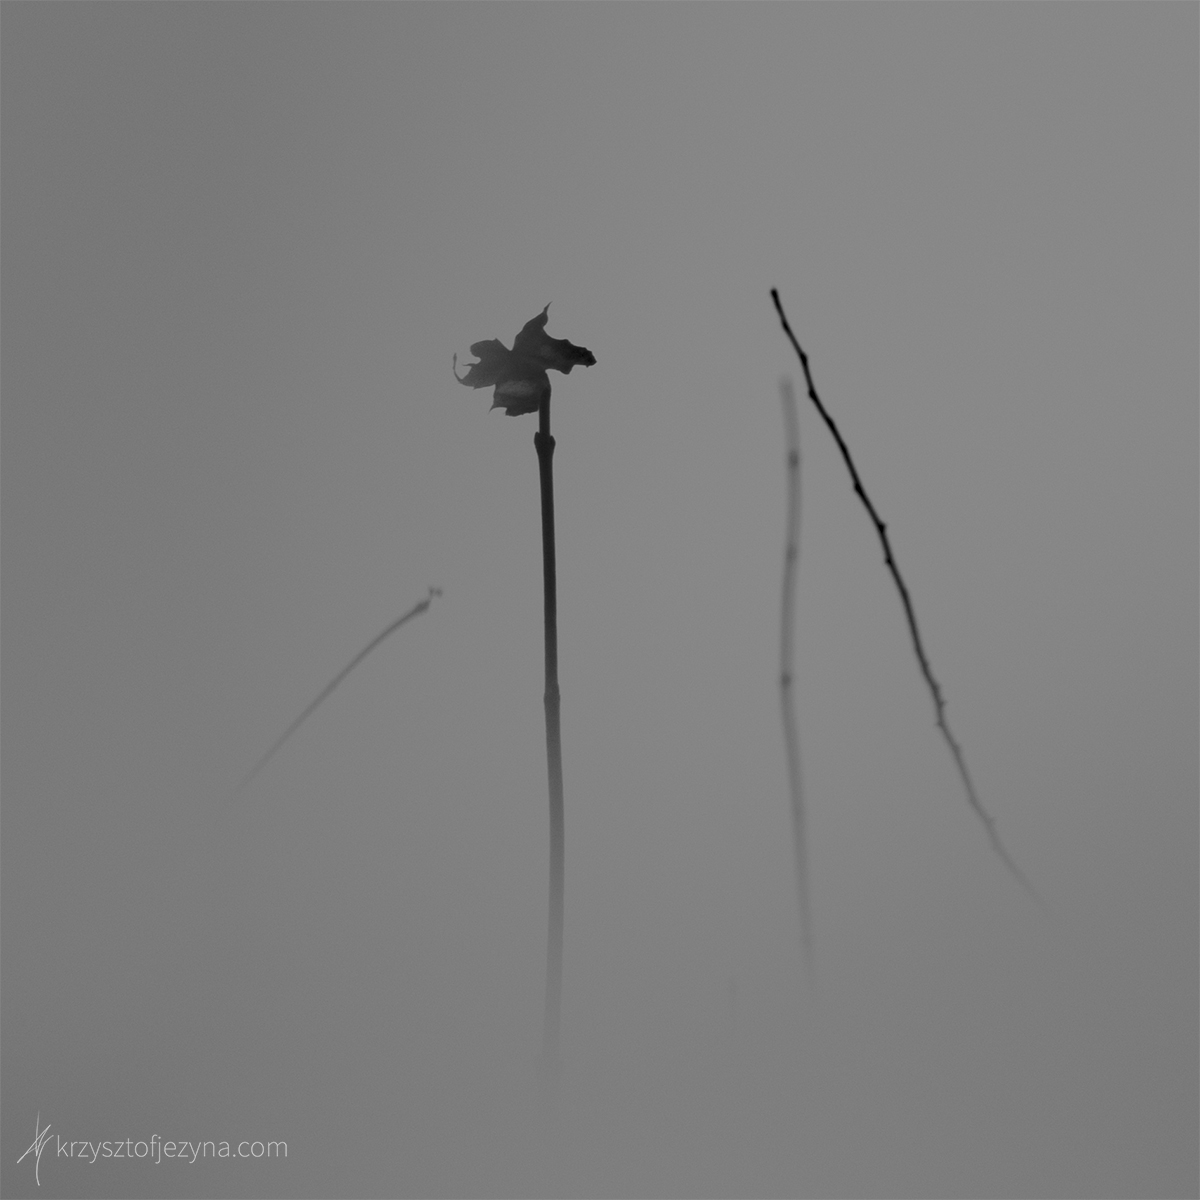 Fotografia minimalistyczna Krzysztof Jeżyna 01